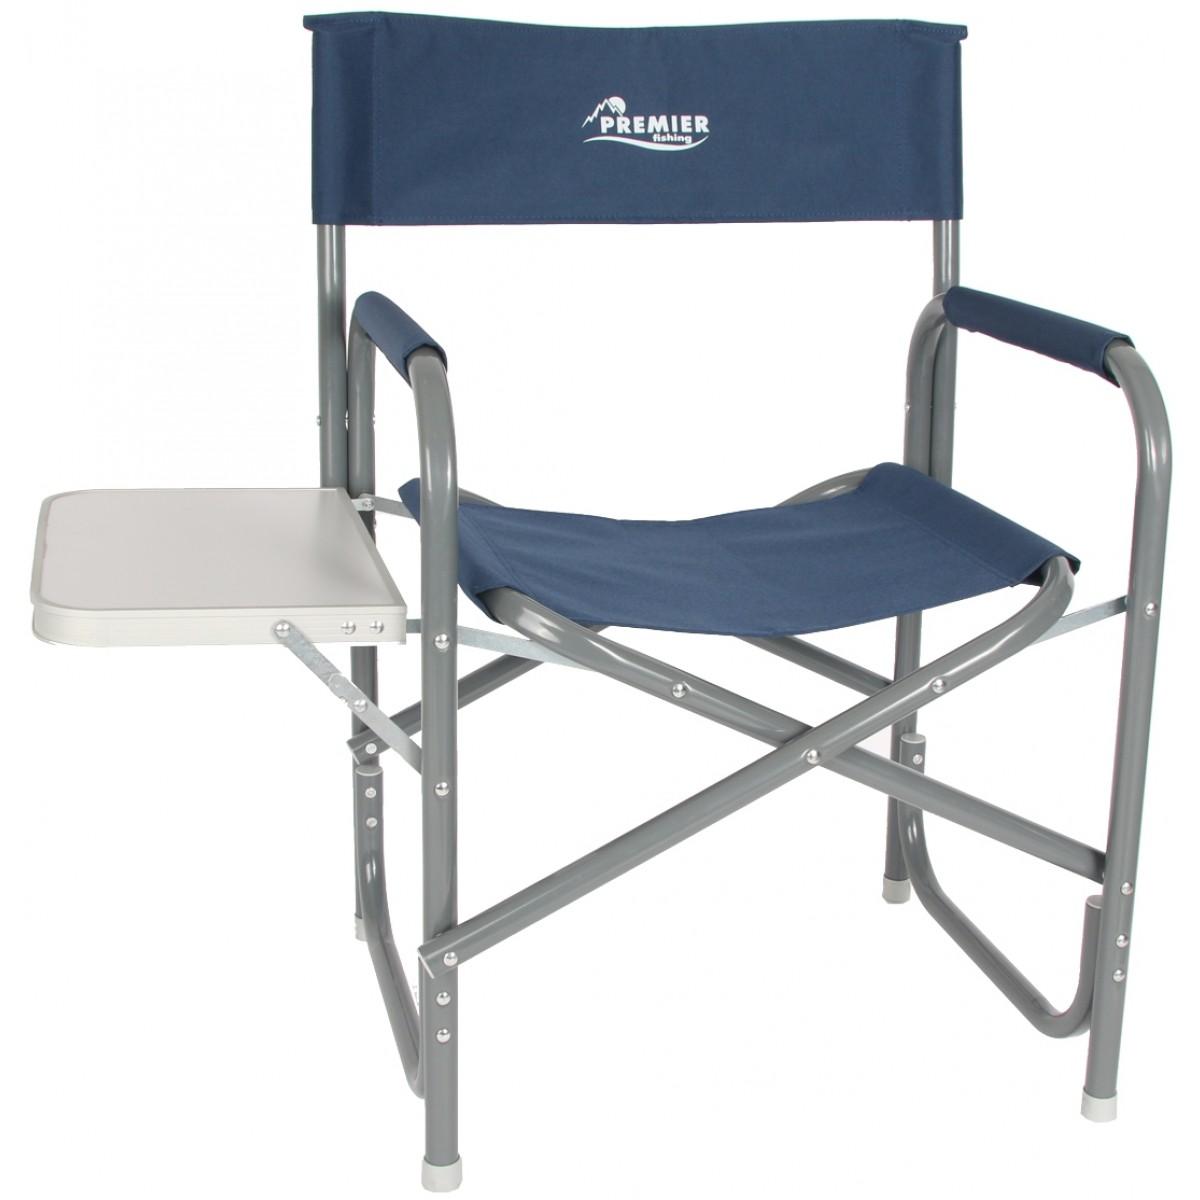 Кресло директорское с откидным столиком (Т-95200S) от Premier Fishing